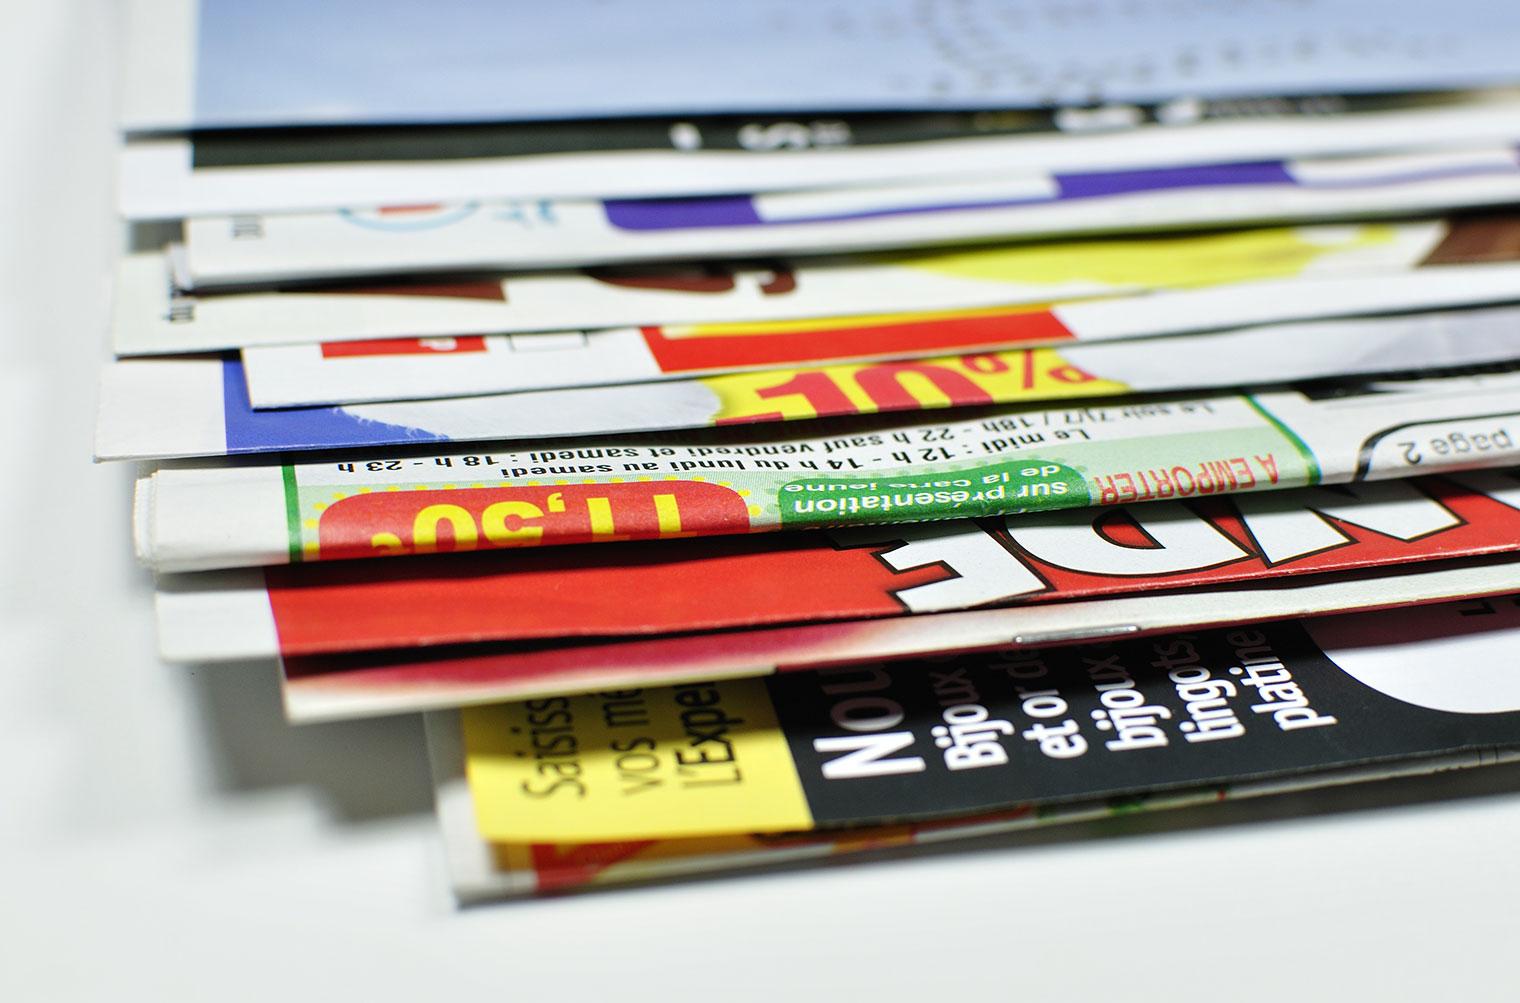 パンフレットの保管にはもう悩まない!おすすめ保管方法とは?